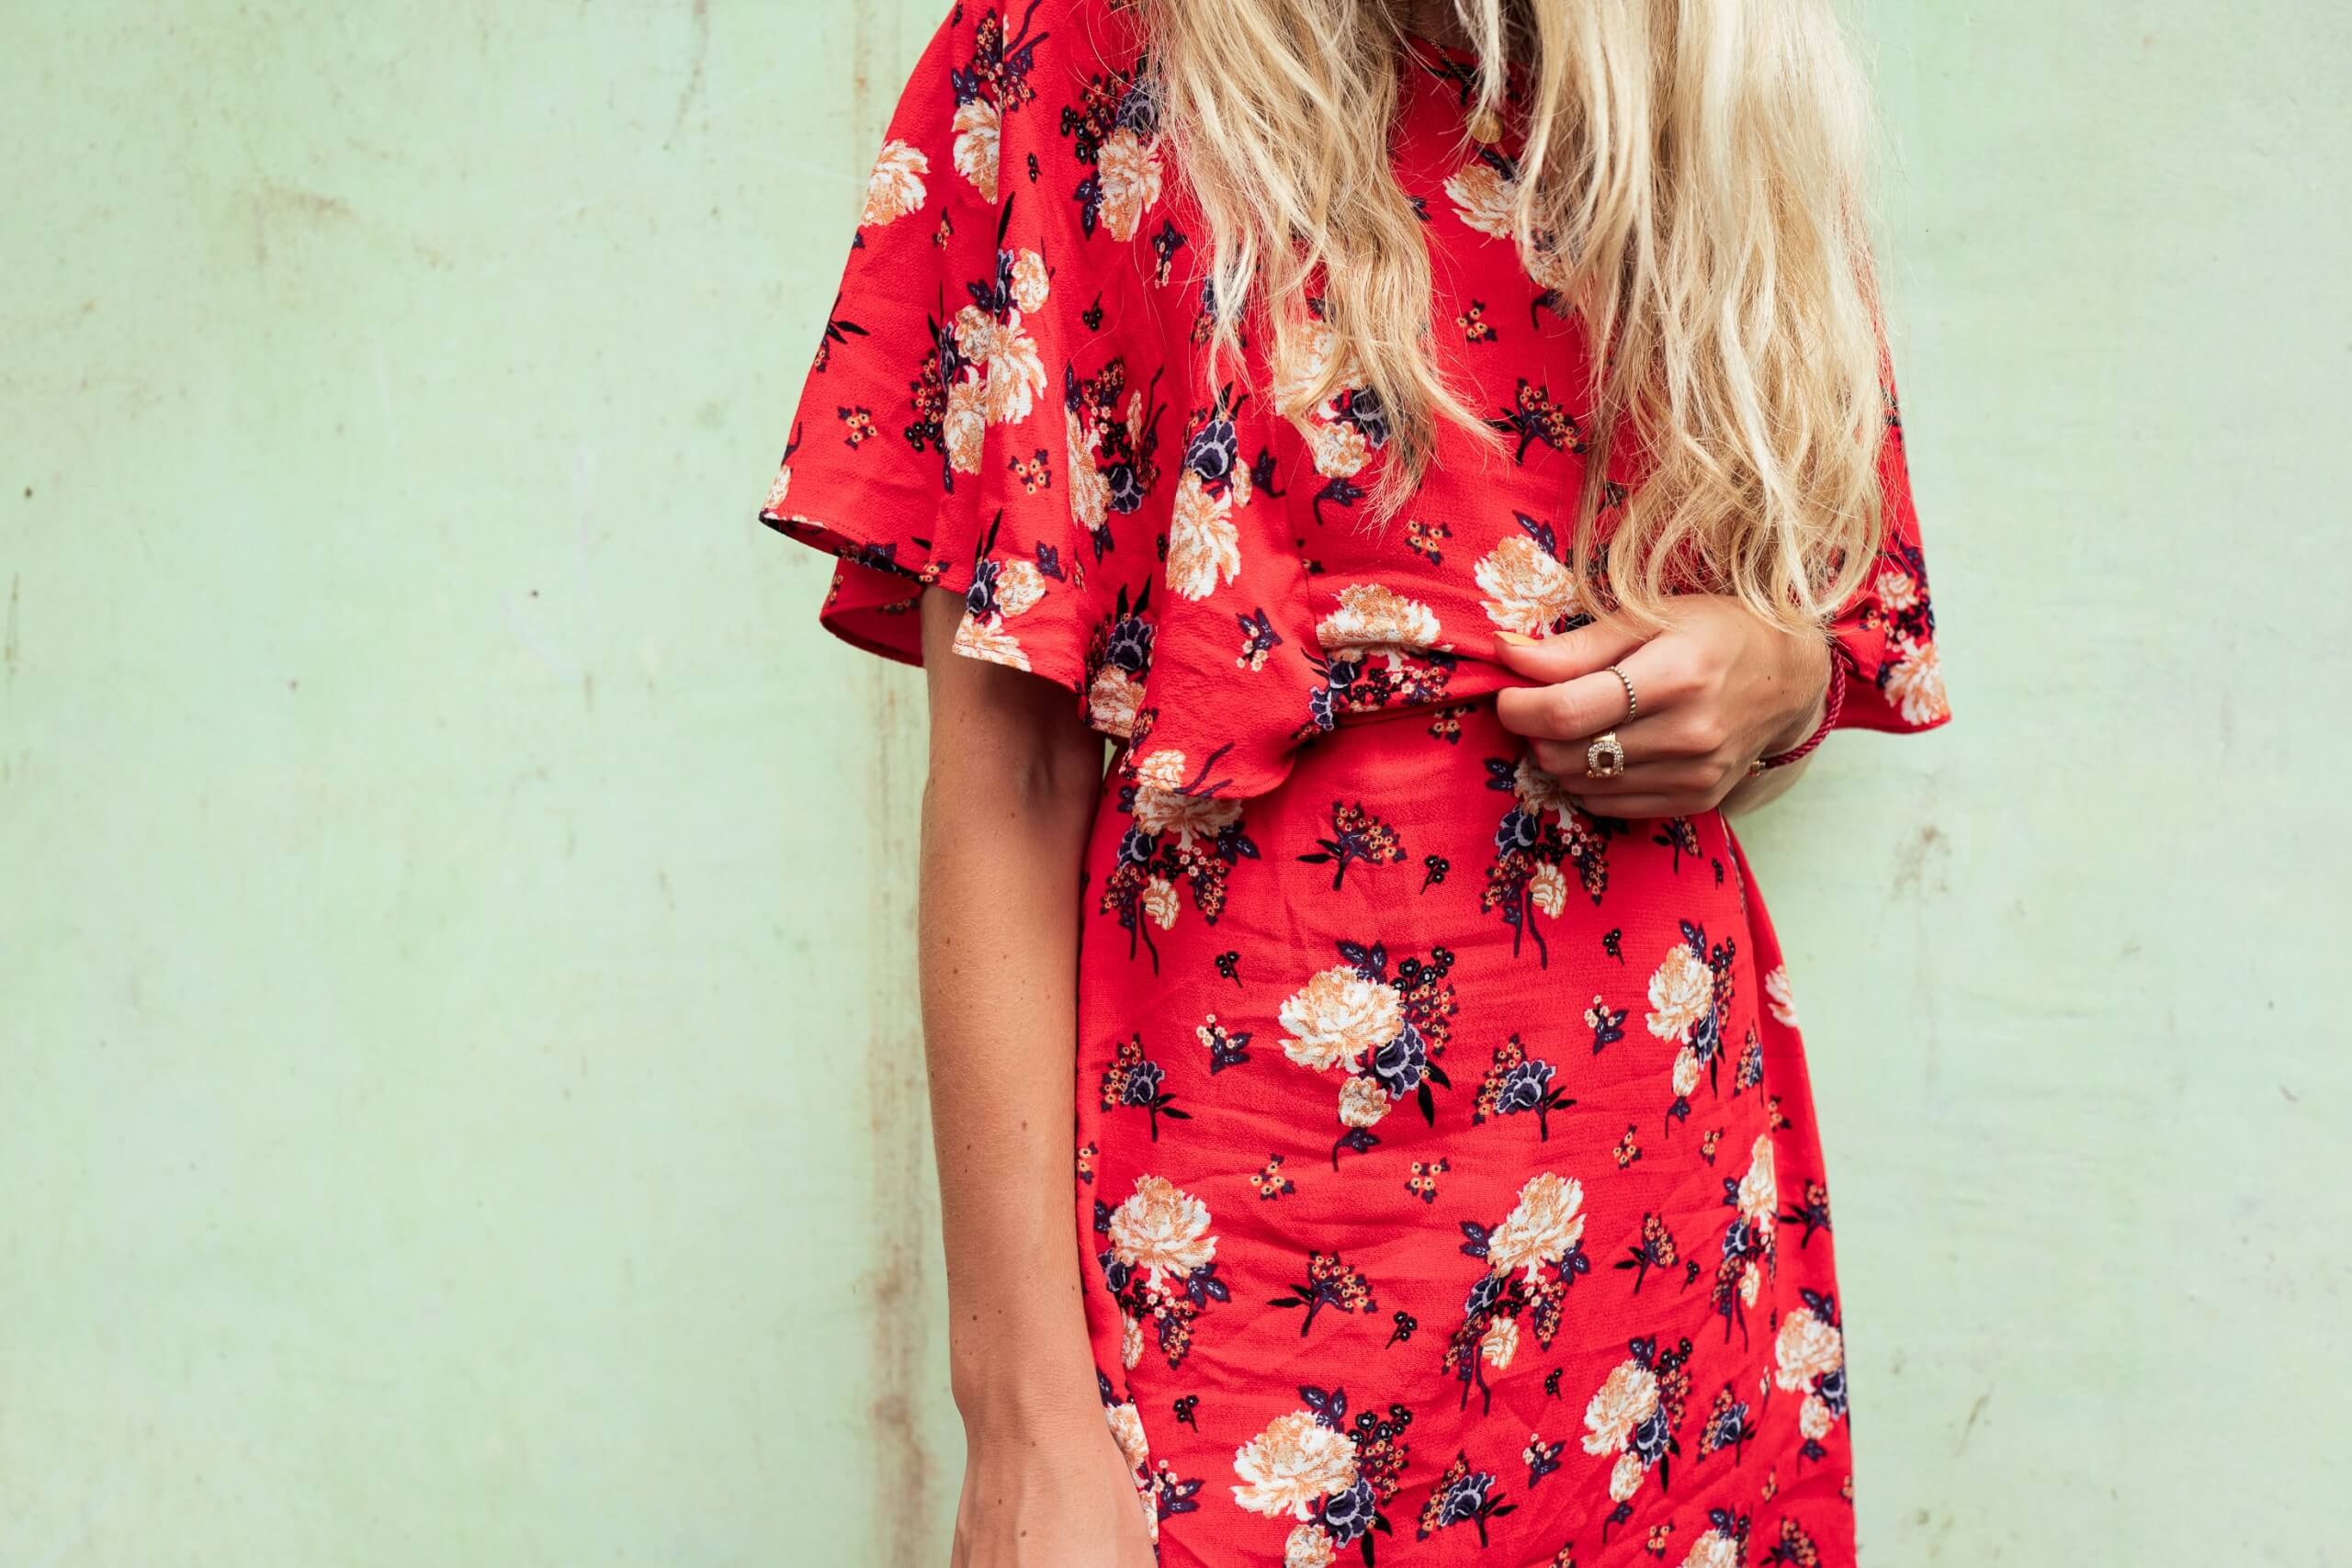 janni-deler-red-dress-1-of-6